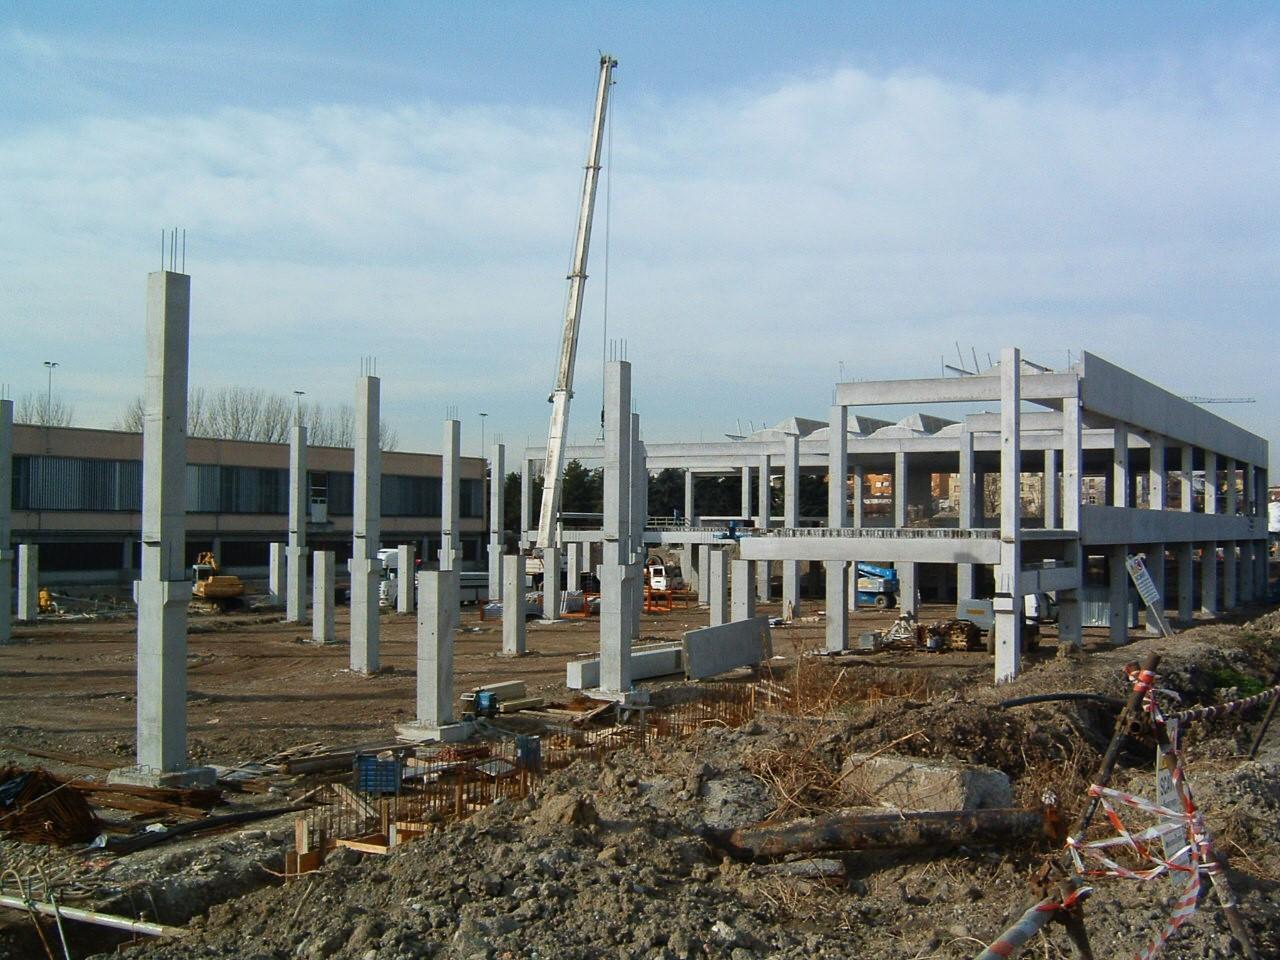 4. Posa di elementi prefabbricati in corso d'opera, con pilastri in c.a. posti su plinti di fondazione e ferri di chiamata: lavori in corso.